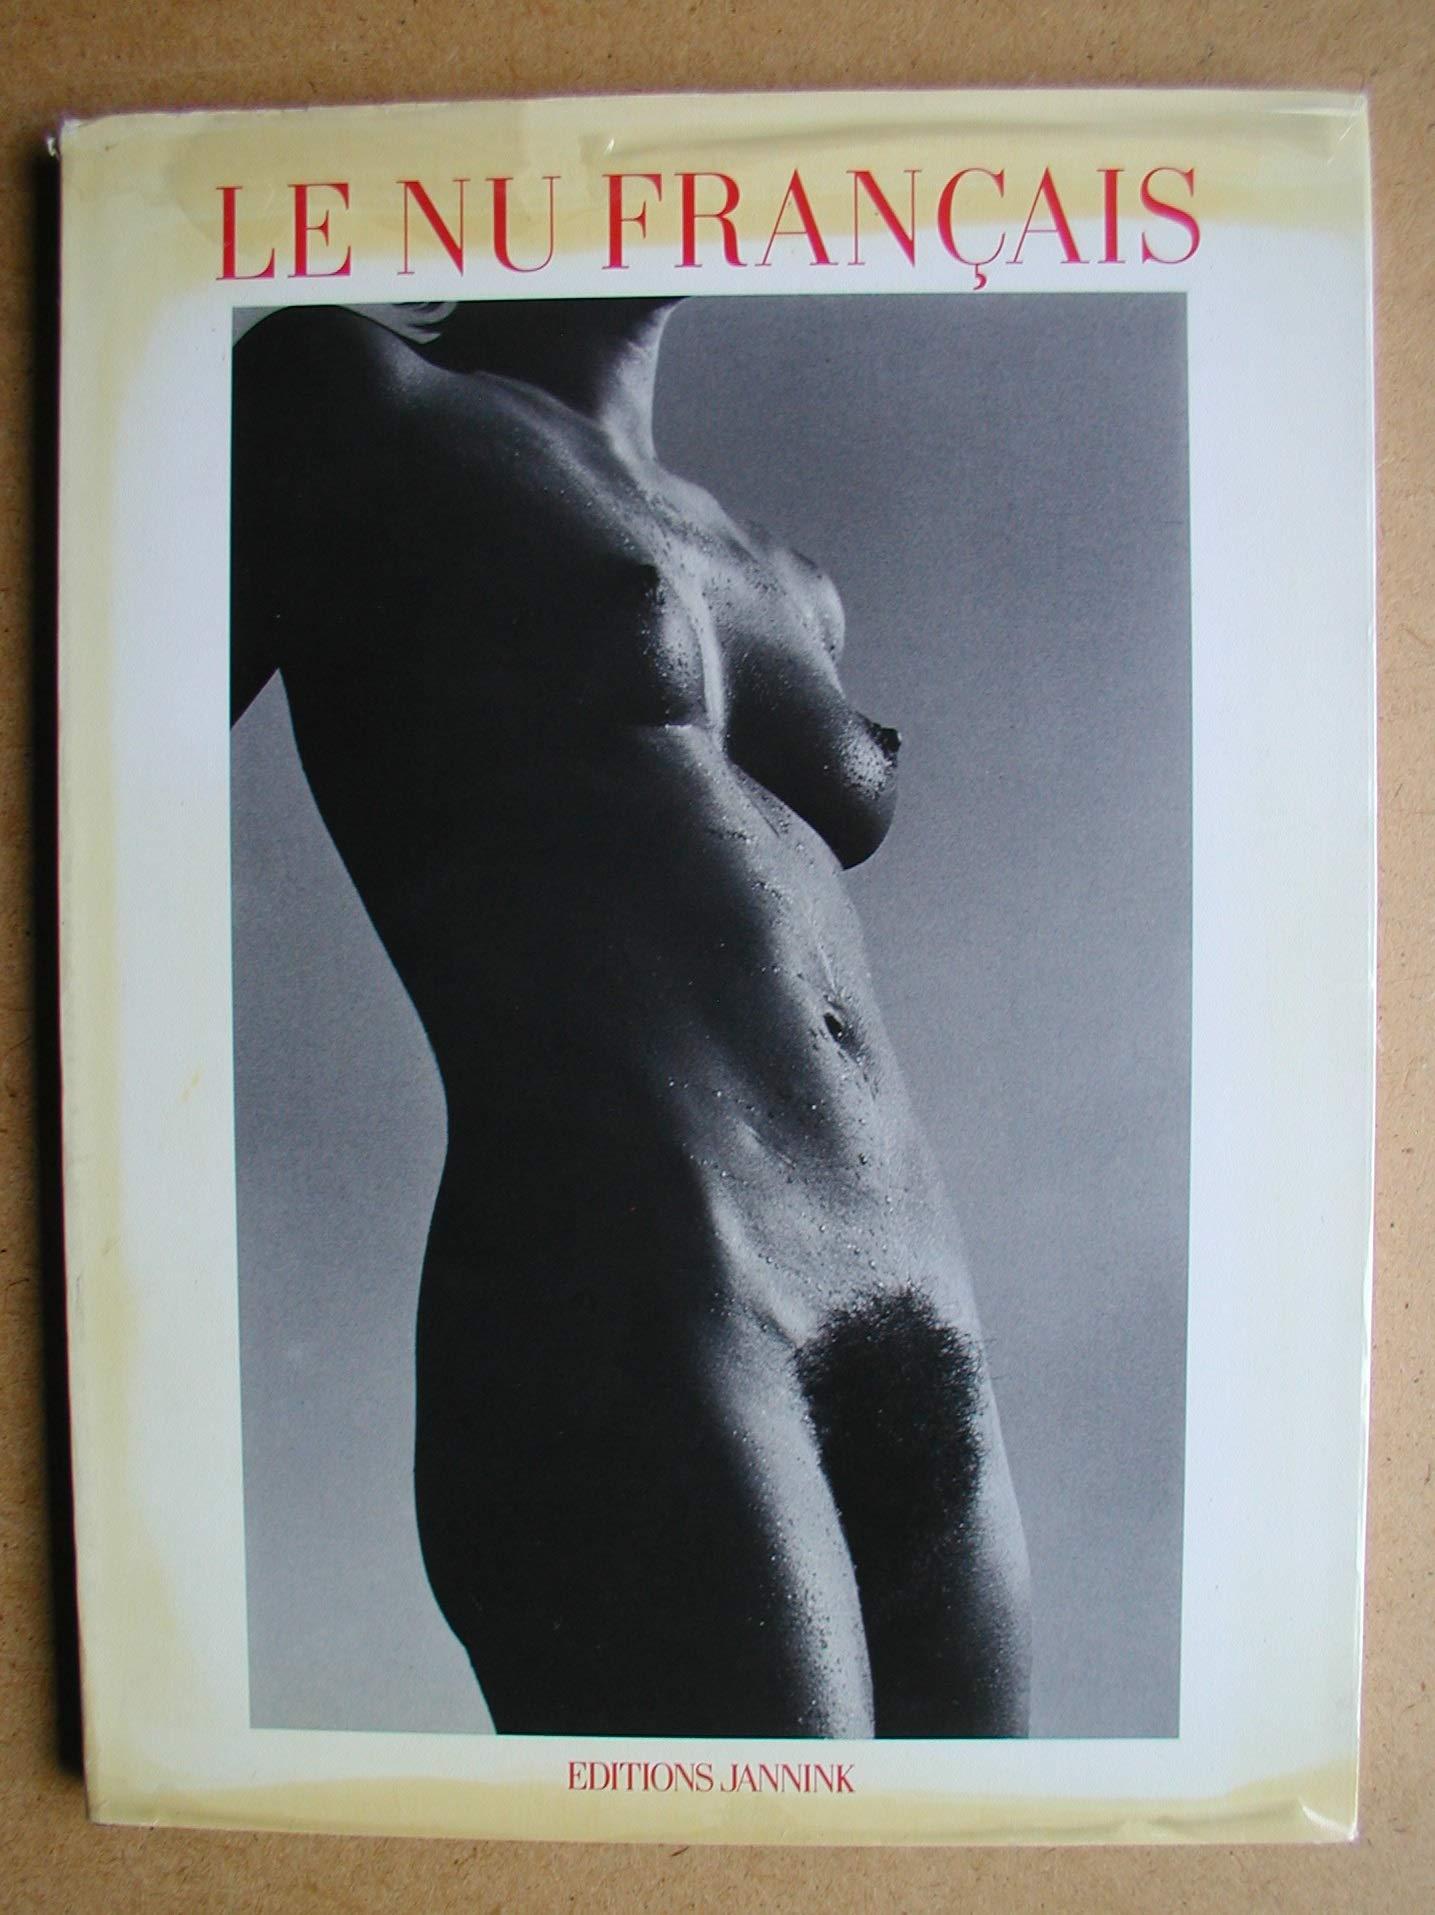 LE NU FRANCAIS.: Amazon.es: edouard-boubat-jacques-laurent: Libros